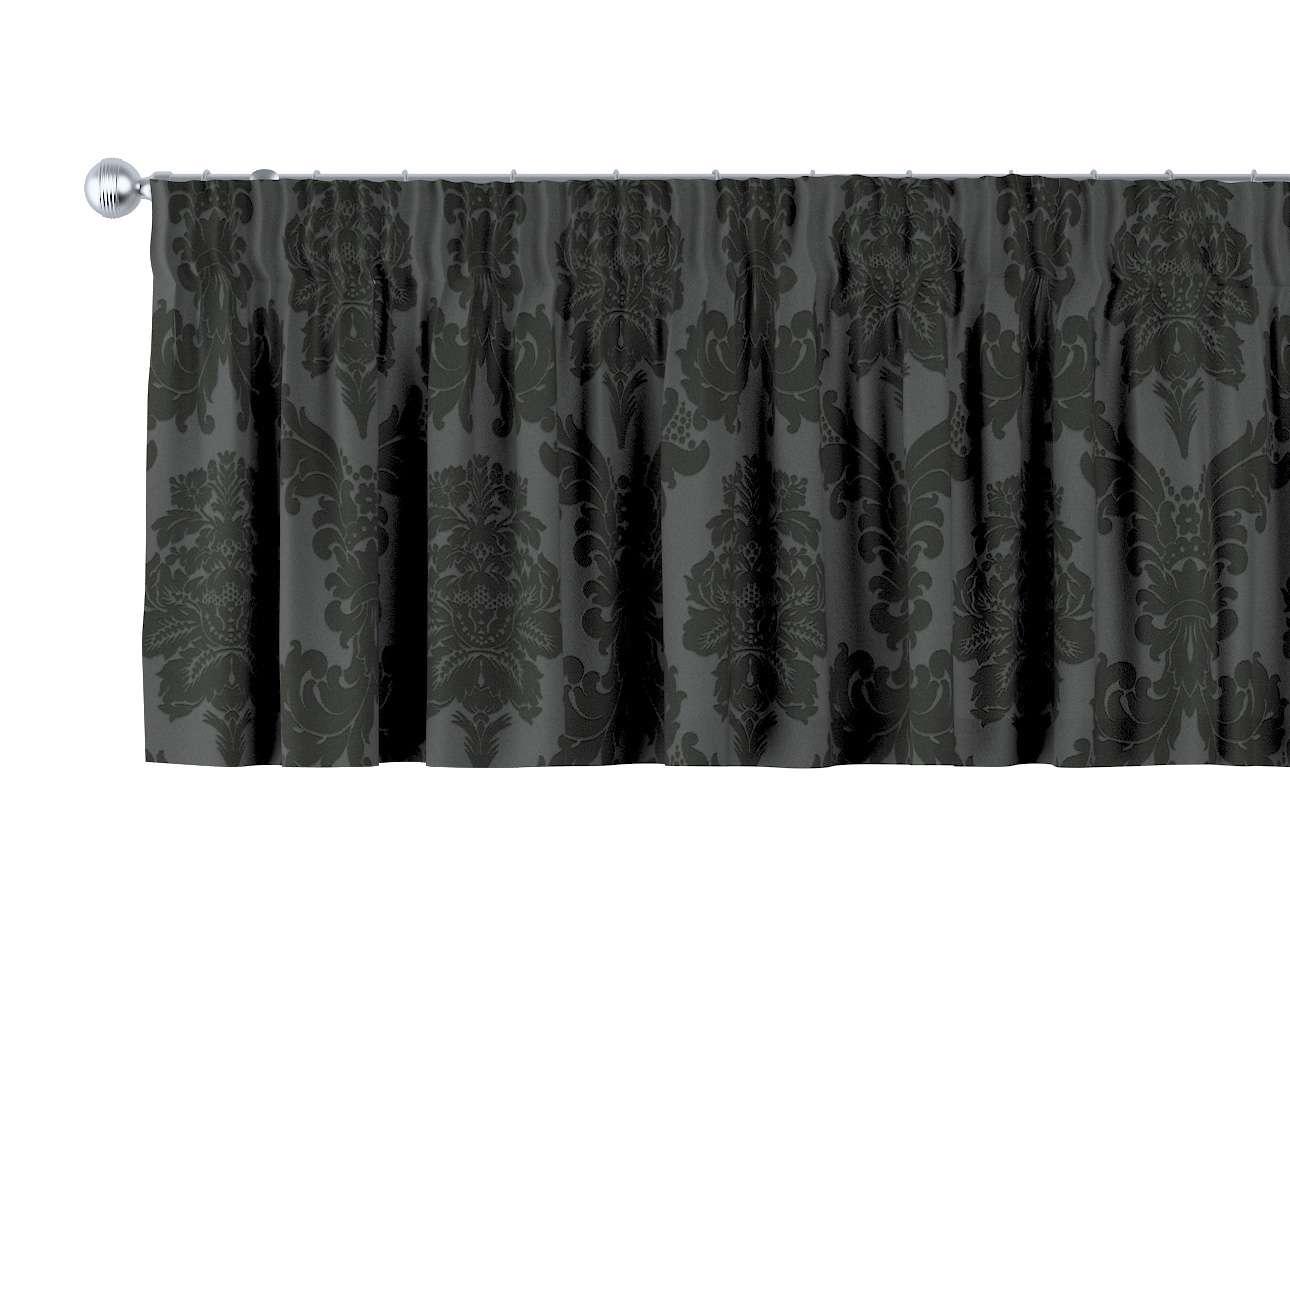 Gardinkappe med rynkebånd 130 x 40 cm fra kollektionen Damasco, Stof: 613-32